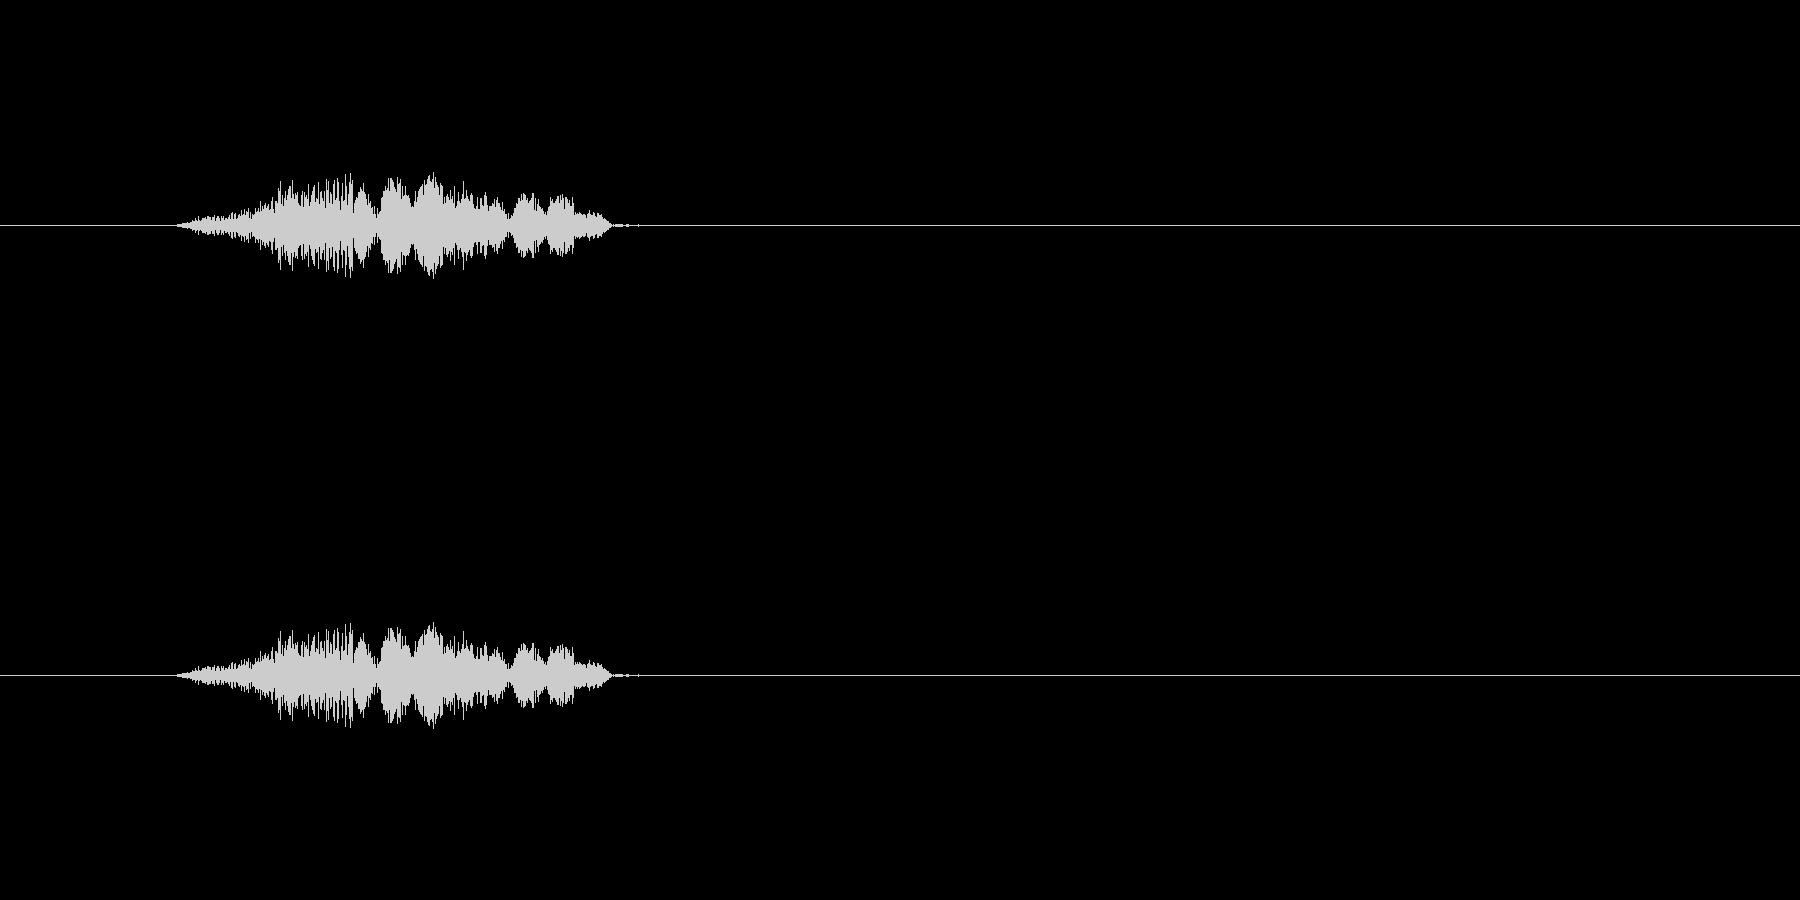 【ポップモーション40-2】の未再生の波形